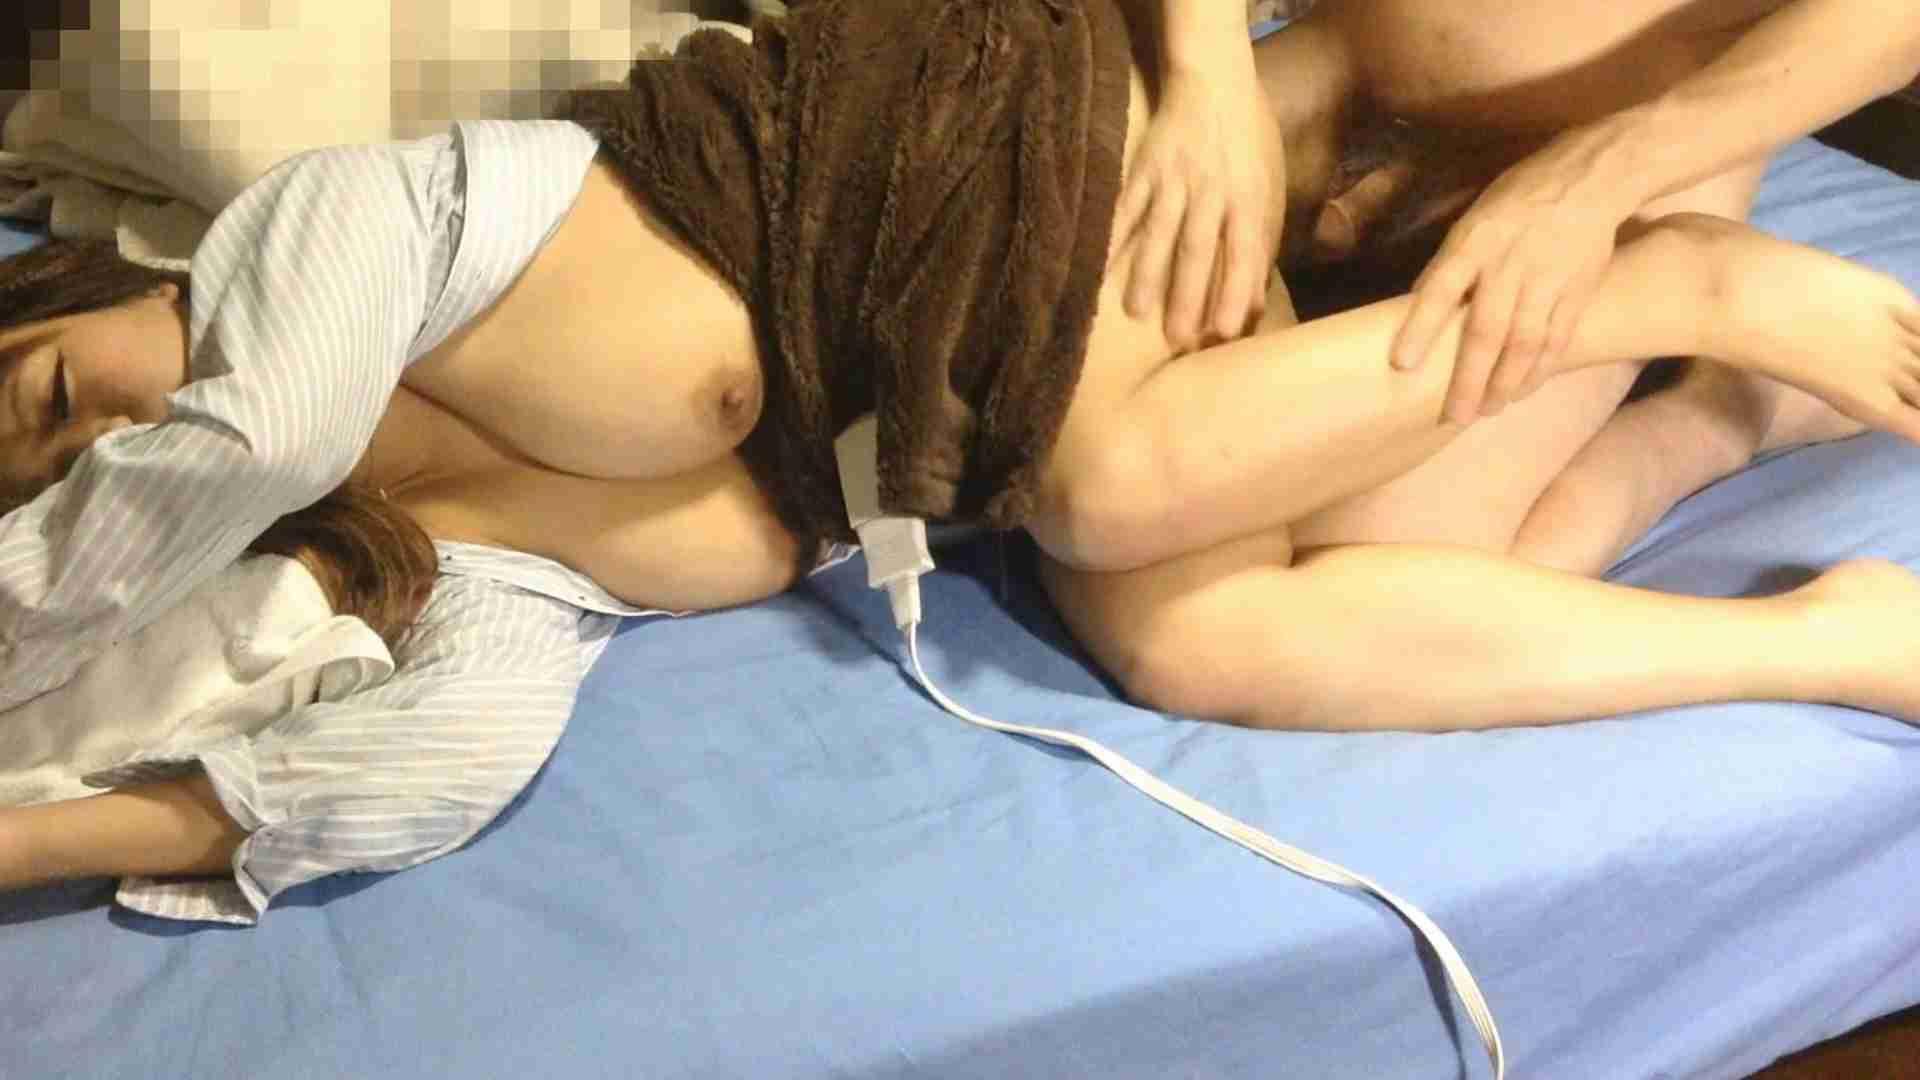 Vol.01 娘の友達 ボンキュッボンIカップのSちゃん前編 巨乳 覗きオメコ動画キャプチャ 108画像 26